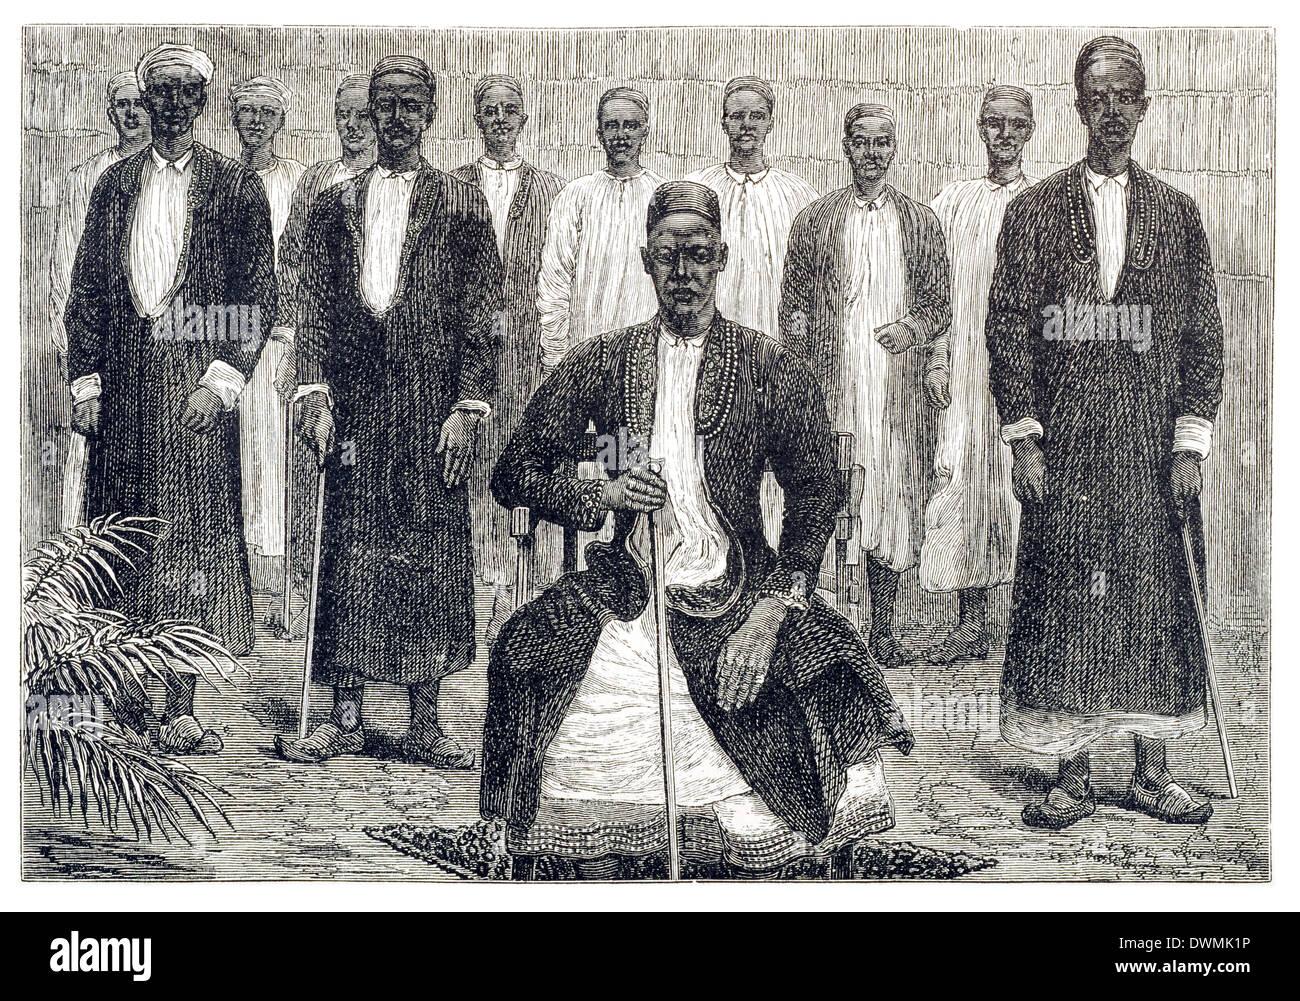 I Capi tribù L/R Sekeboro Chief di Chagwe, Pokino il Primo ministro, Mtesa l'imperatore di Uganda, Chambarango il capo. Immagini Stock